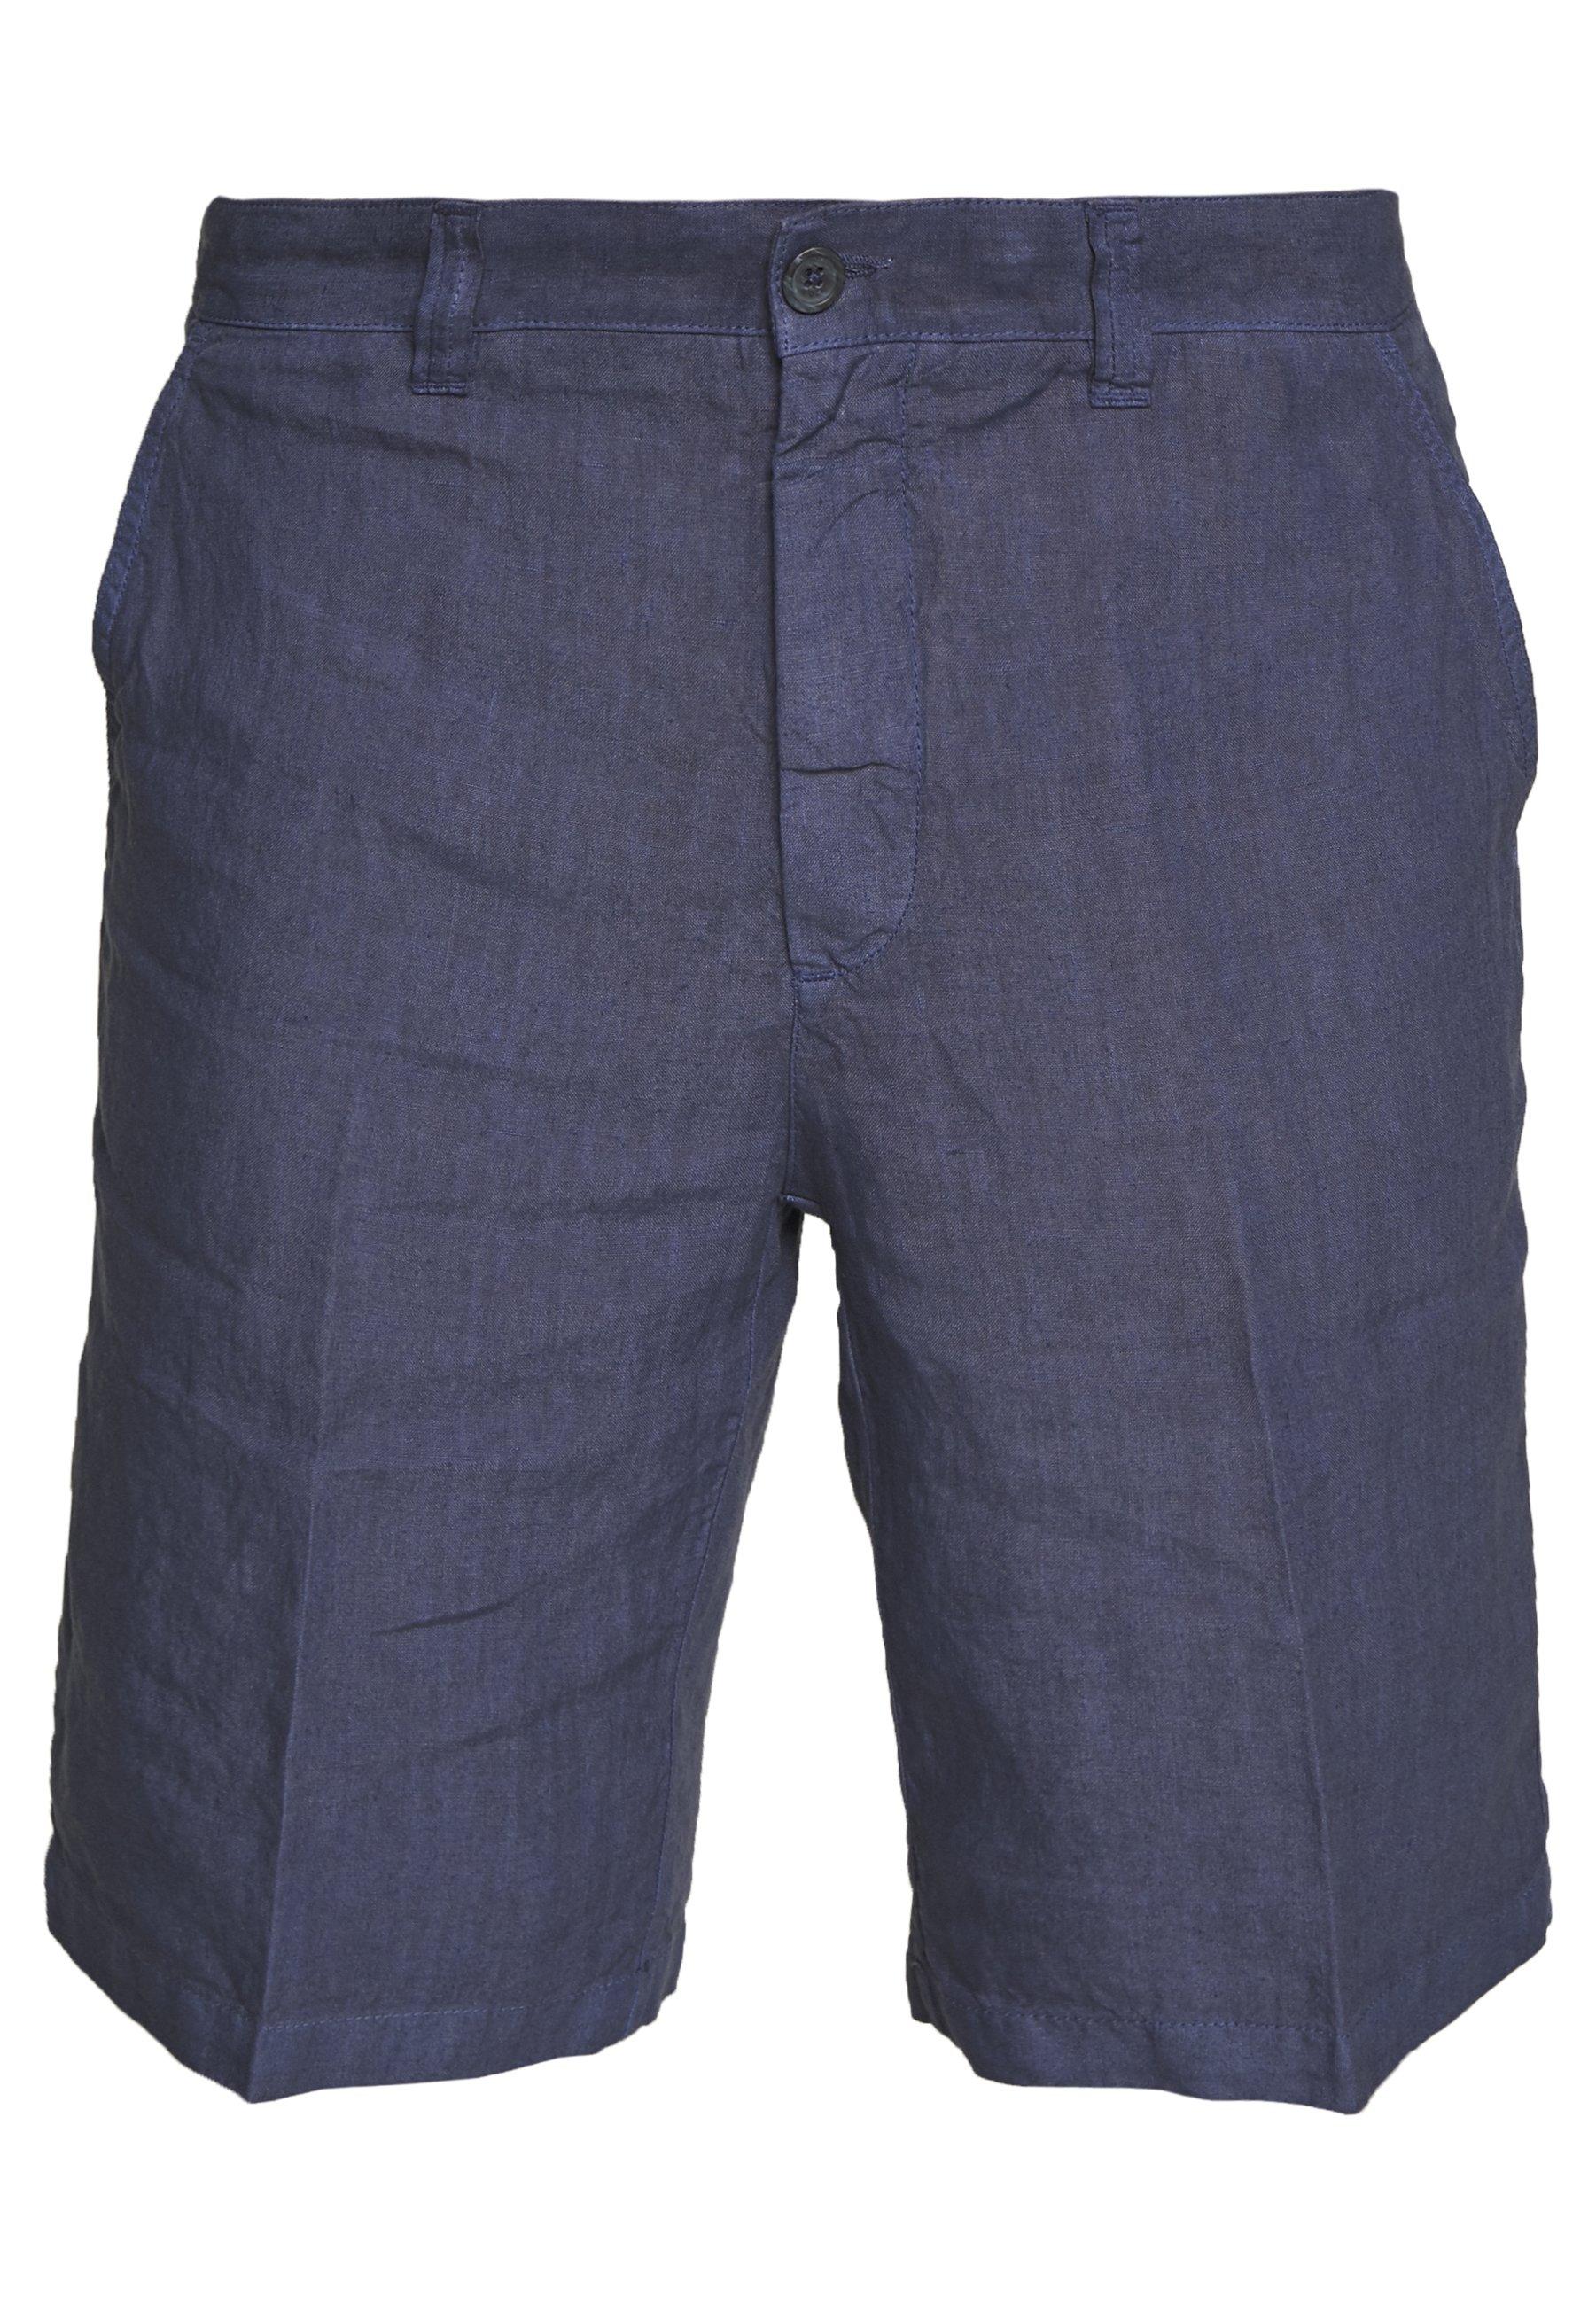 120% Lino Short - dark blue fade